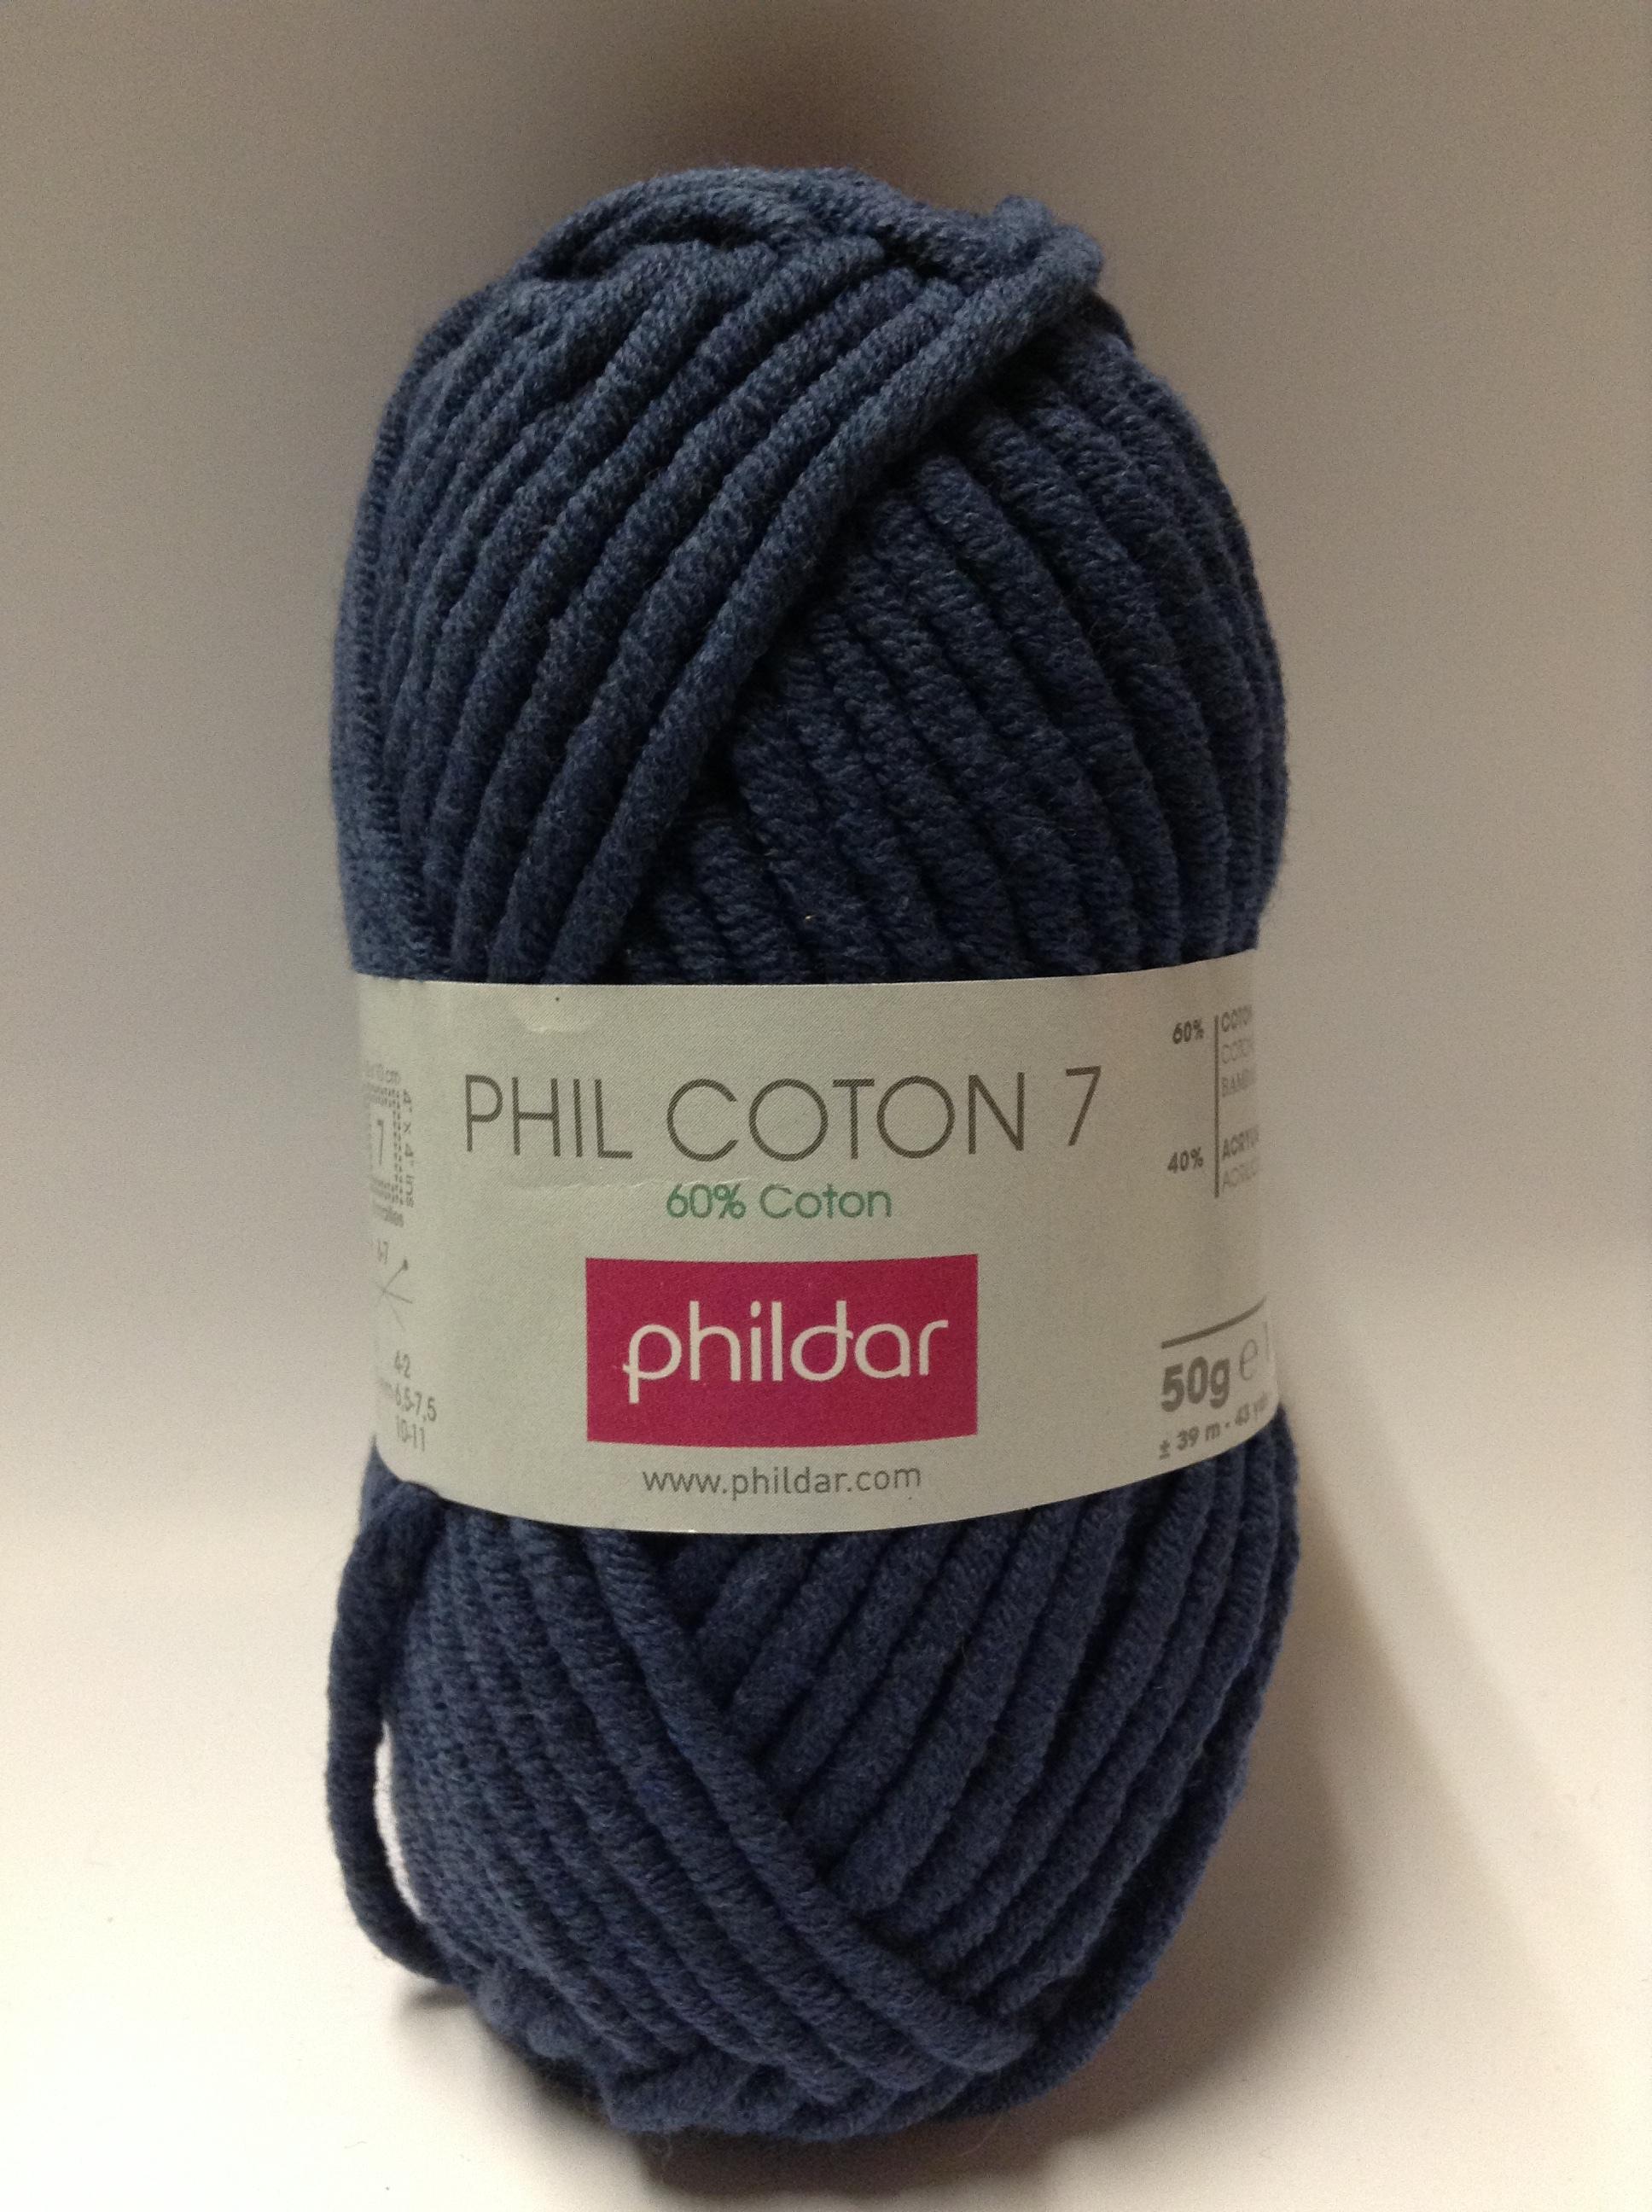 Phil coton 7